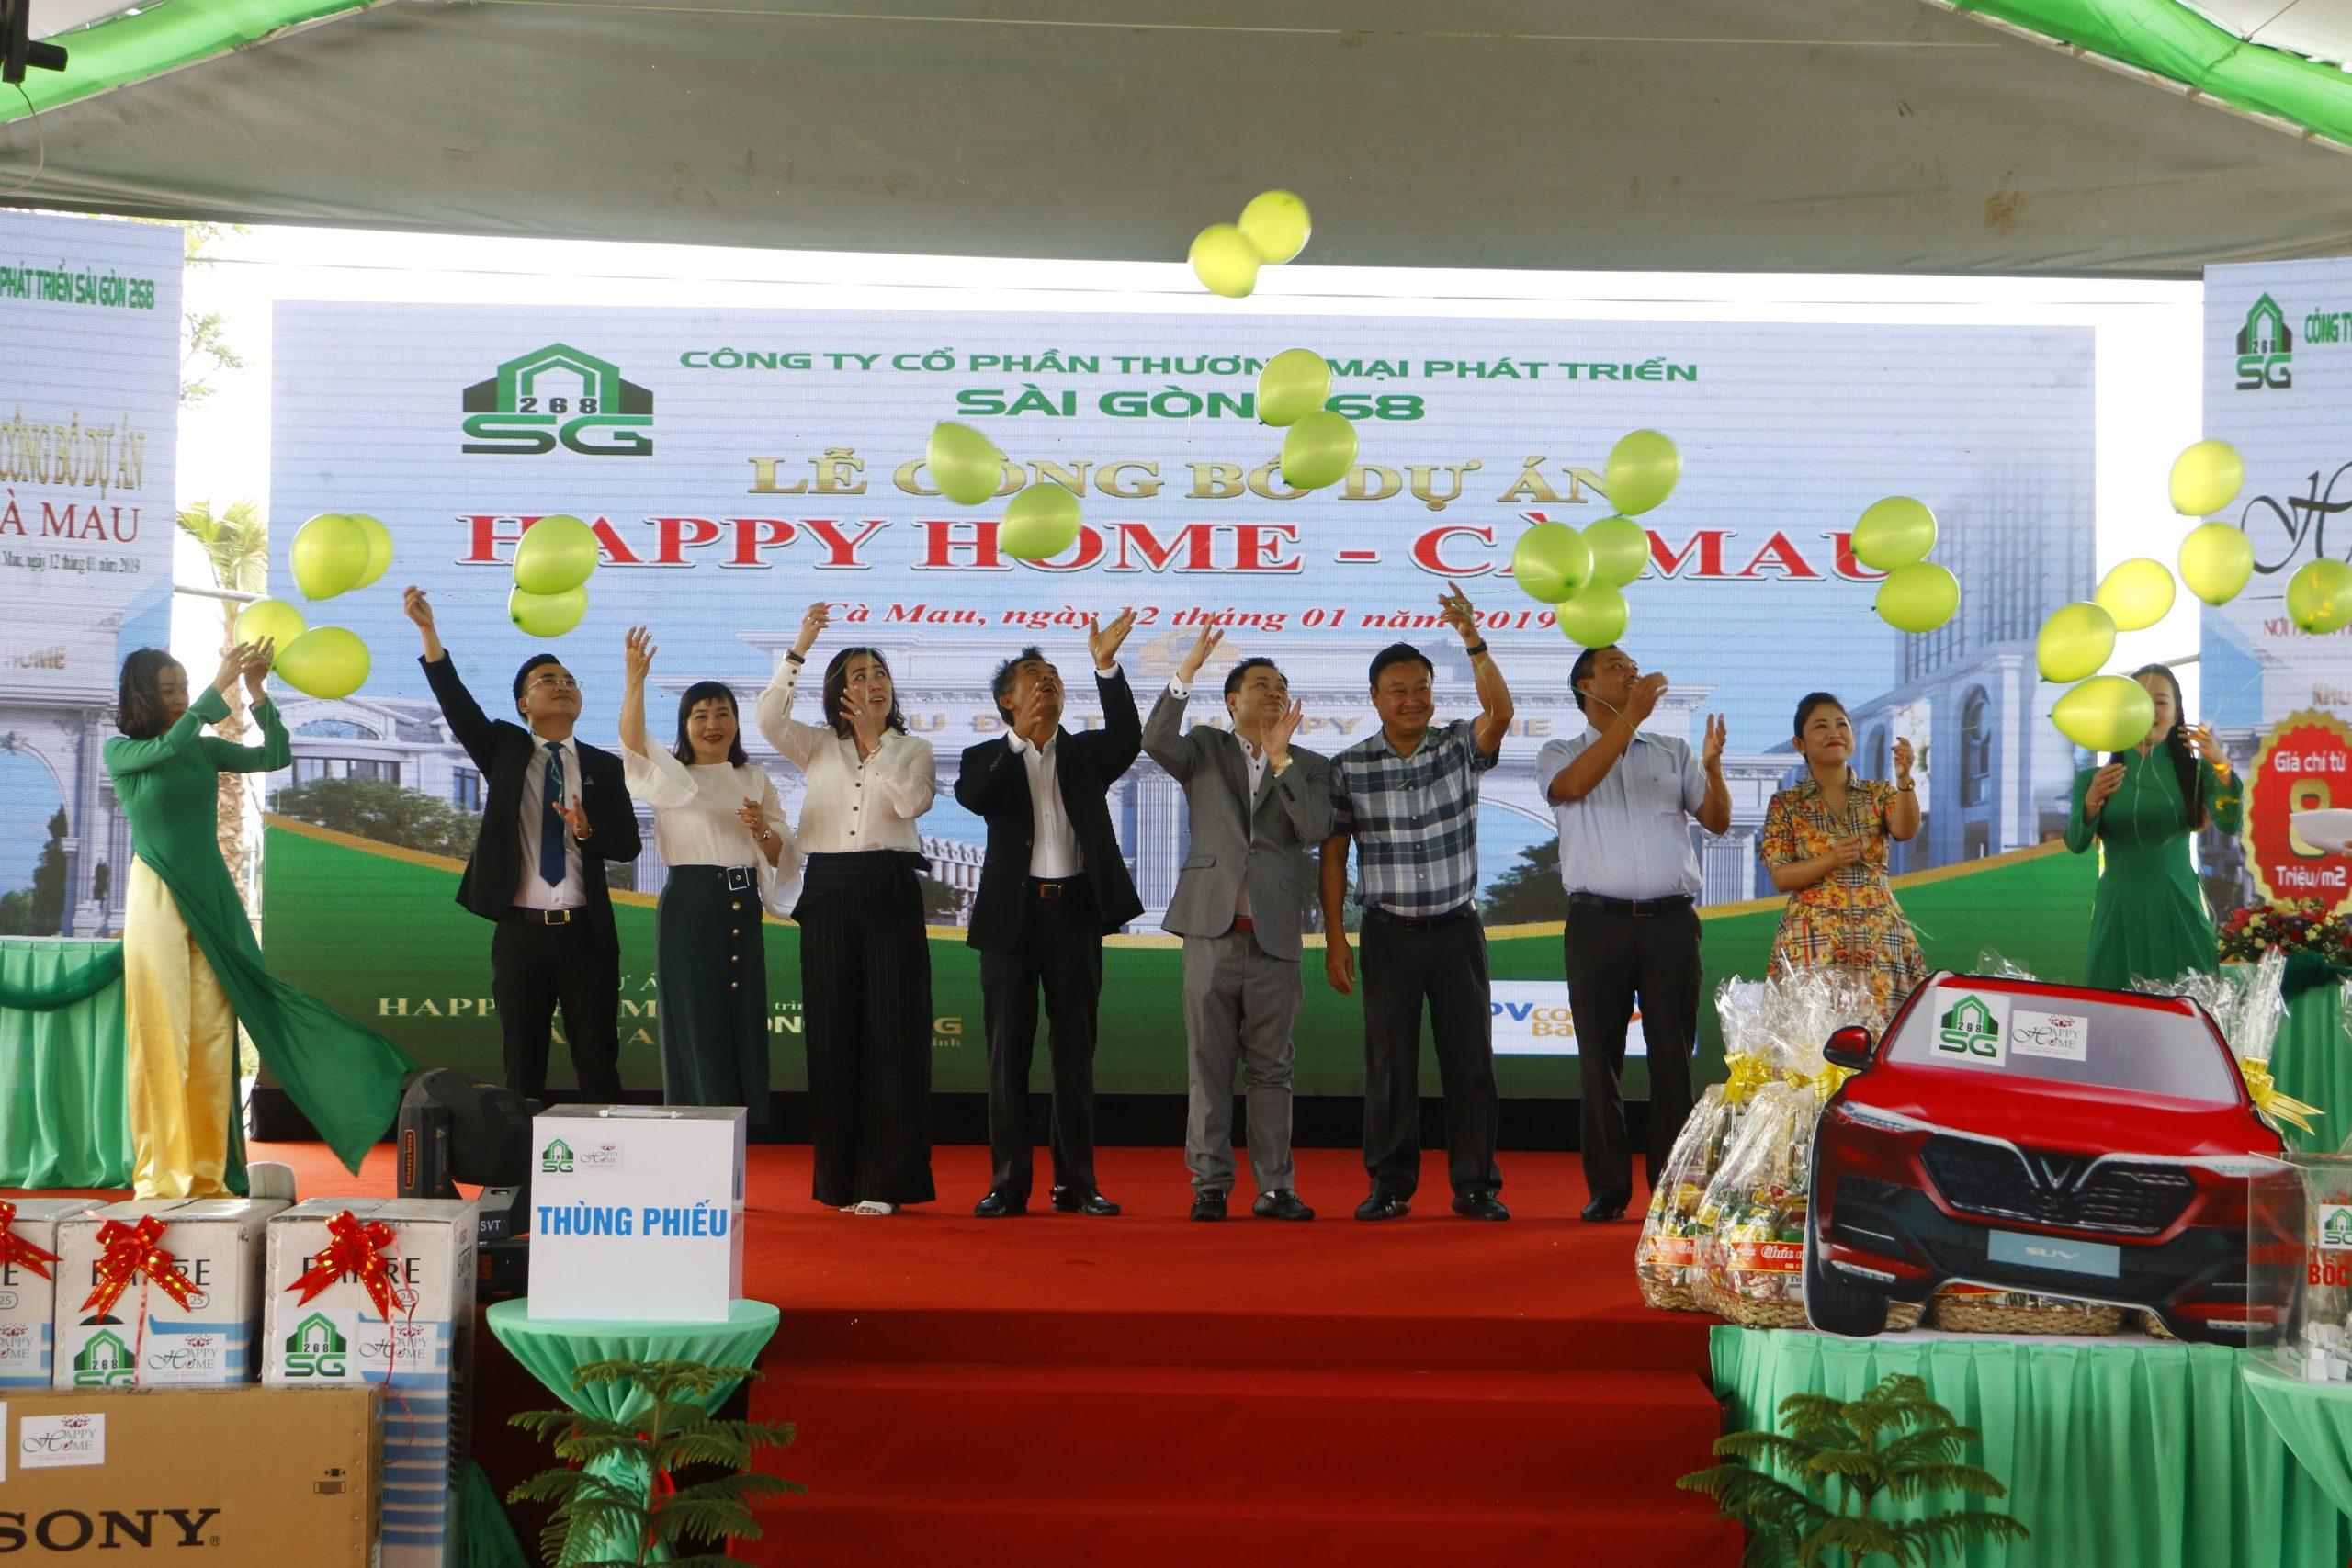 Happy Home Cà Mau Mở Bán Đợt 2 Tạo Cú Hích Đầu Năm 2019 Cho Thị Trường Bất Động Sản Cà Mau